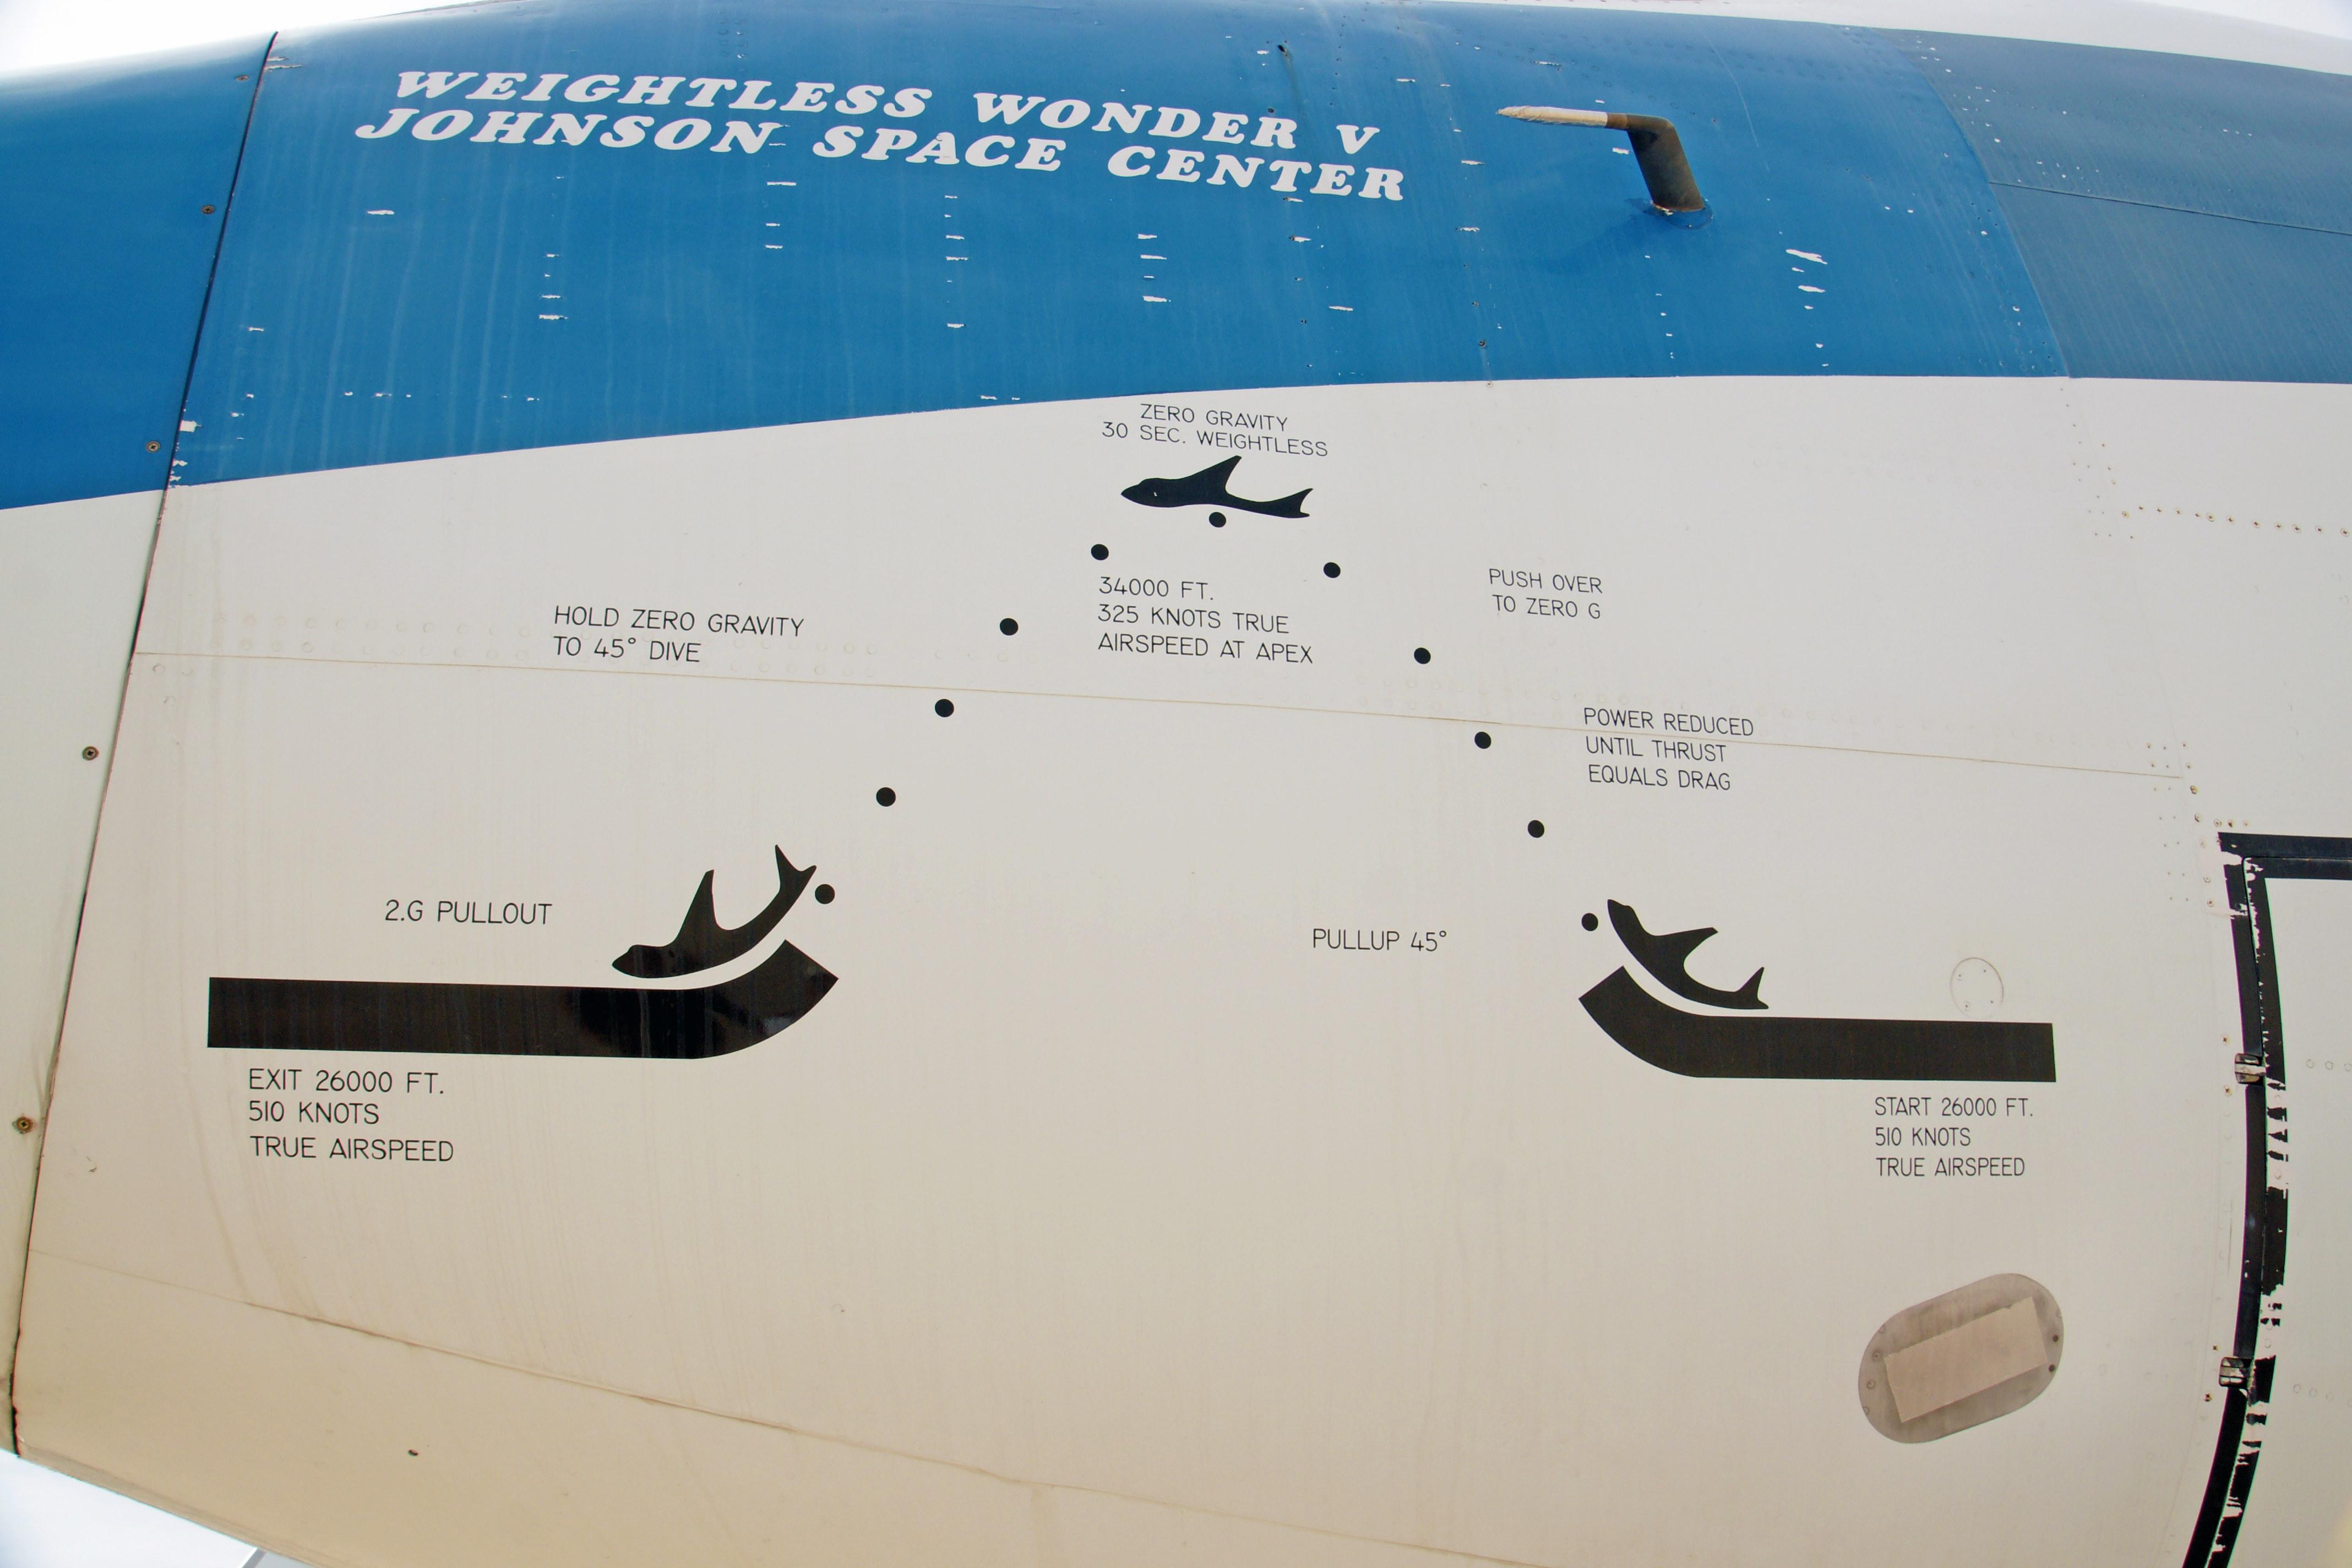 Boeing KC-135A Stratotanker Explained